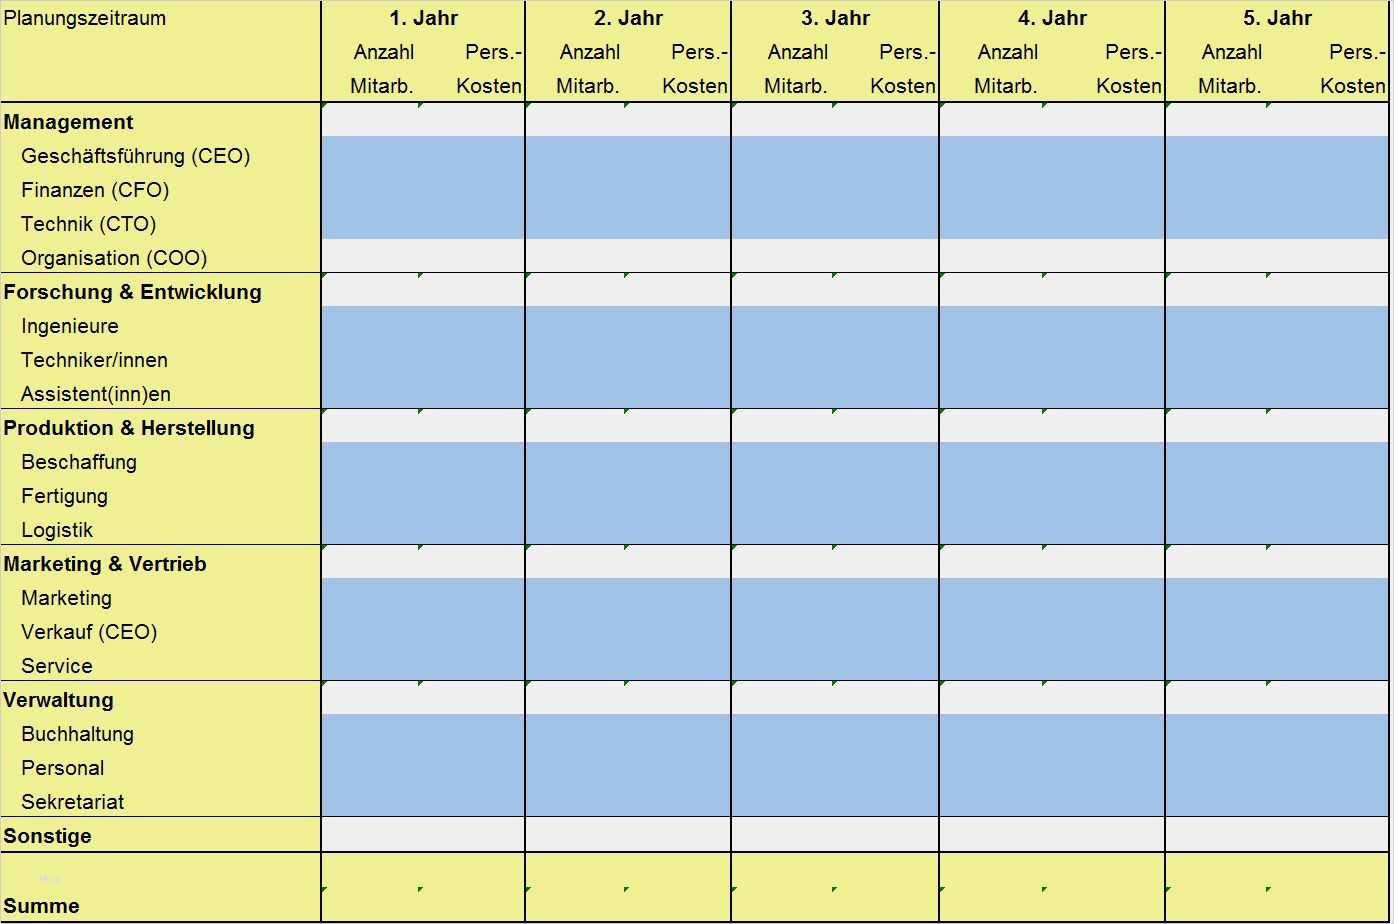 35 Einzigartig Personalbedarfsplanung Excel Vorlage Kostenlos Abbildung In 2020 Excel Vorlage Vorlagen Lebenslauf Vorlagen